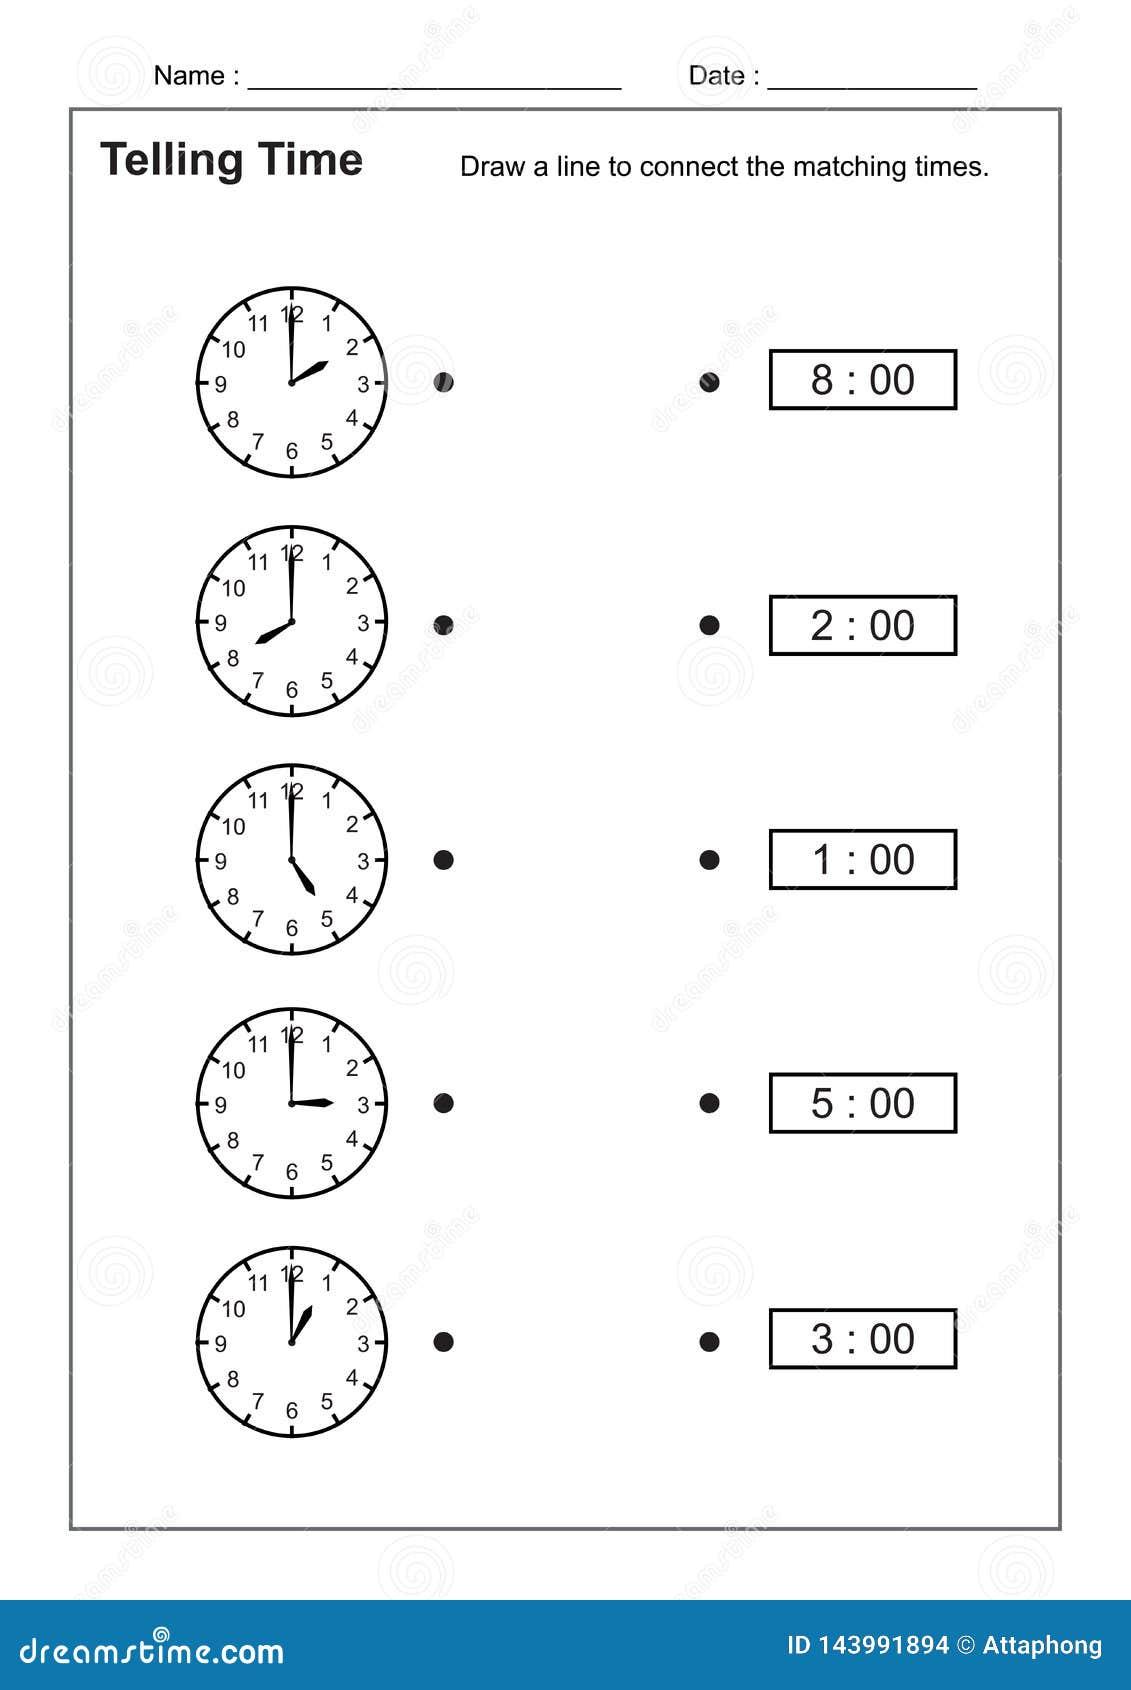 τοποθεσίες κοινωνικής εργασίας dating άνω ανγκ Ραδιοάνθρακας που χρονολογείται από αργό κάλιο